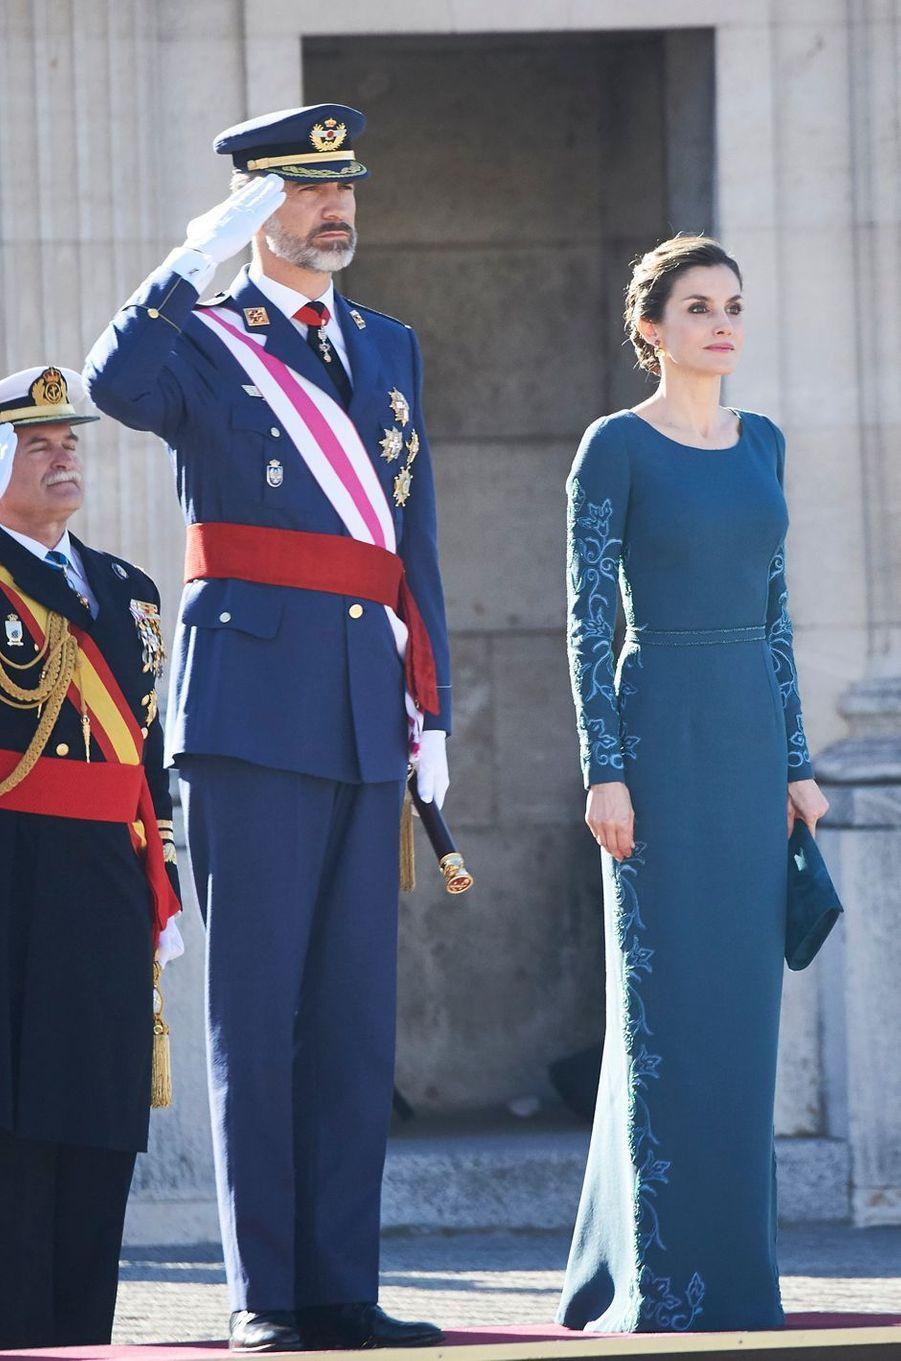 La plus solennelle - Finies les vacances pour la reine d'Espagne. Letizia a fait sa rentrée 2017 ce vendredi 6 janvier aux côtés de son royal époux, pour les cérémonies de la Pâque militaire.